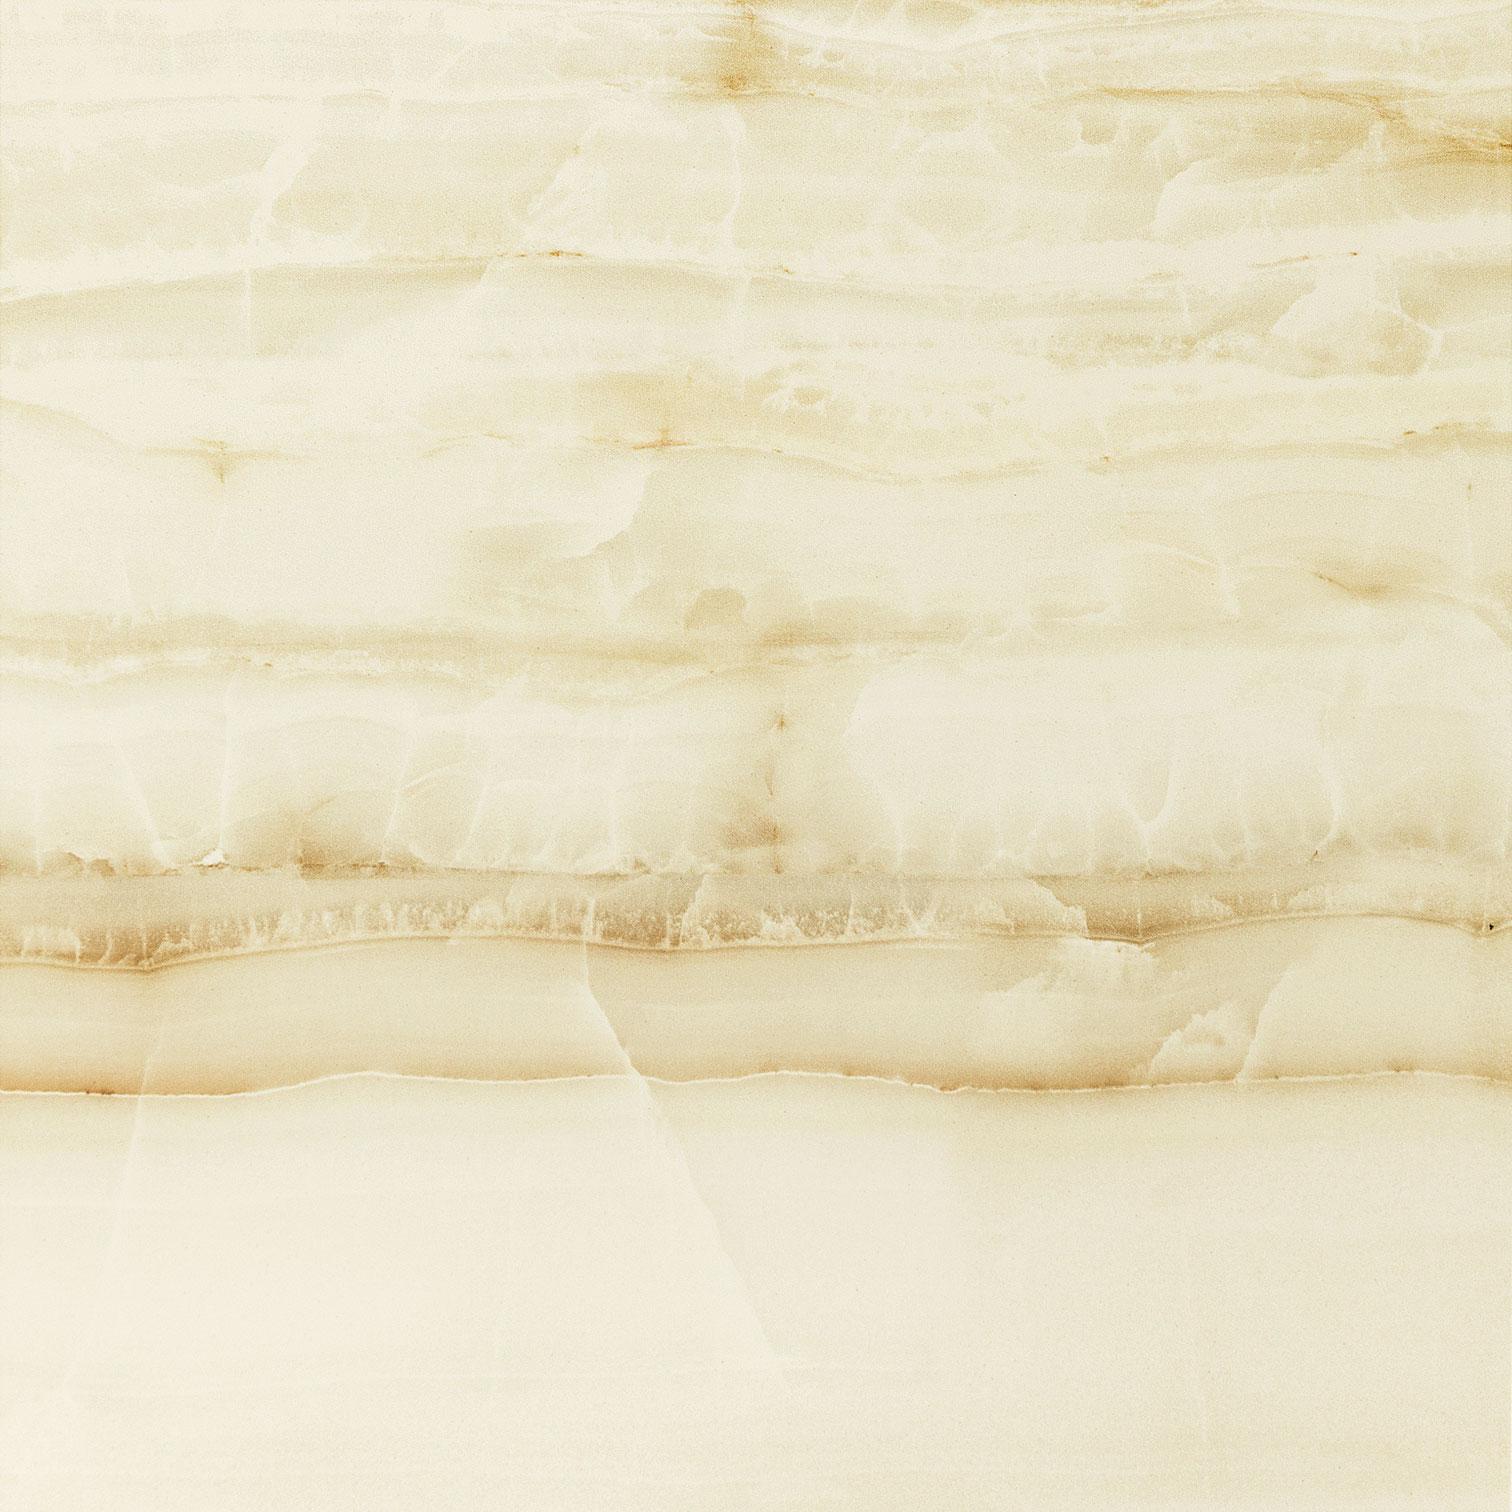 Płytka podłogowa Tubądzin Onis Polerowana 59,8x59,8cm tubOniPol59_8x59_8